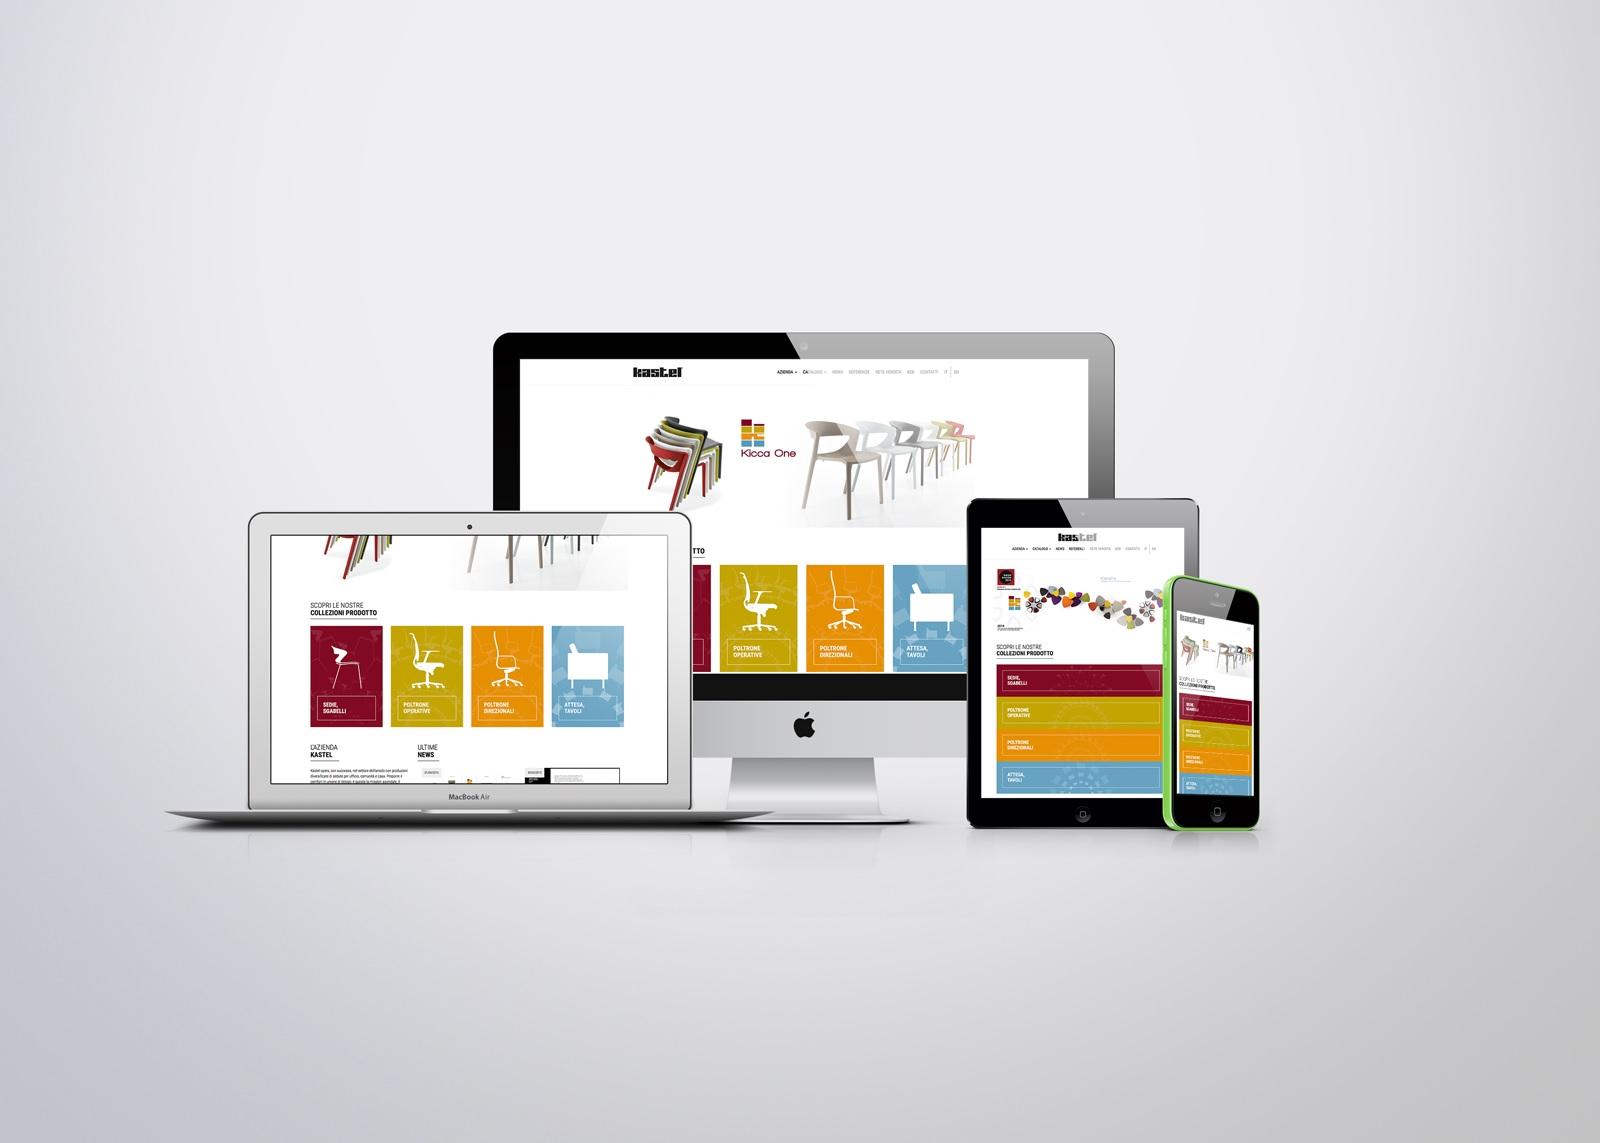 Kastel website